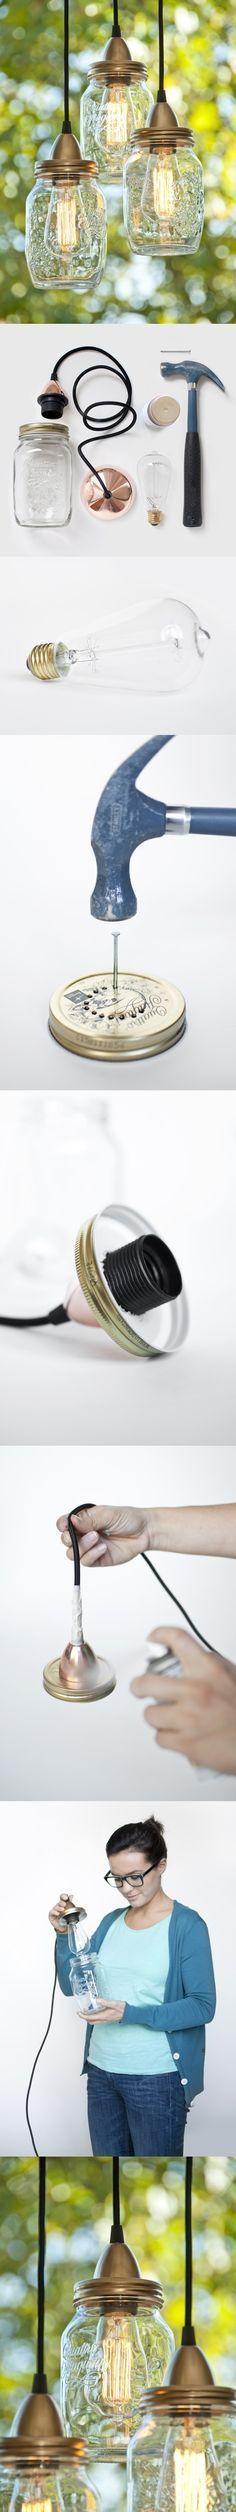 Un tutoríal para hacer unas lamparas de techo                                                                                                                                                                                 Más